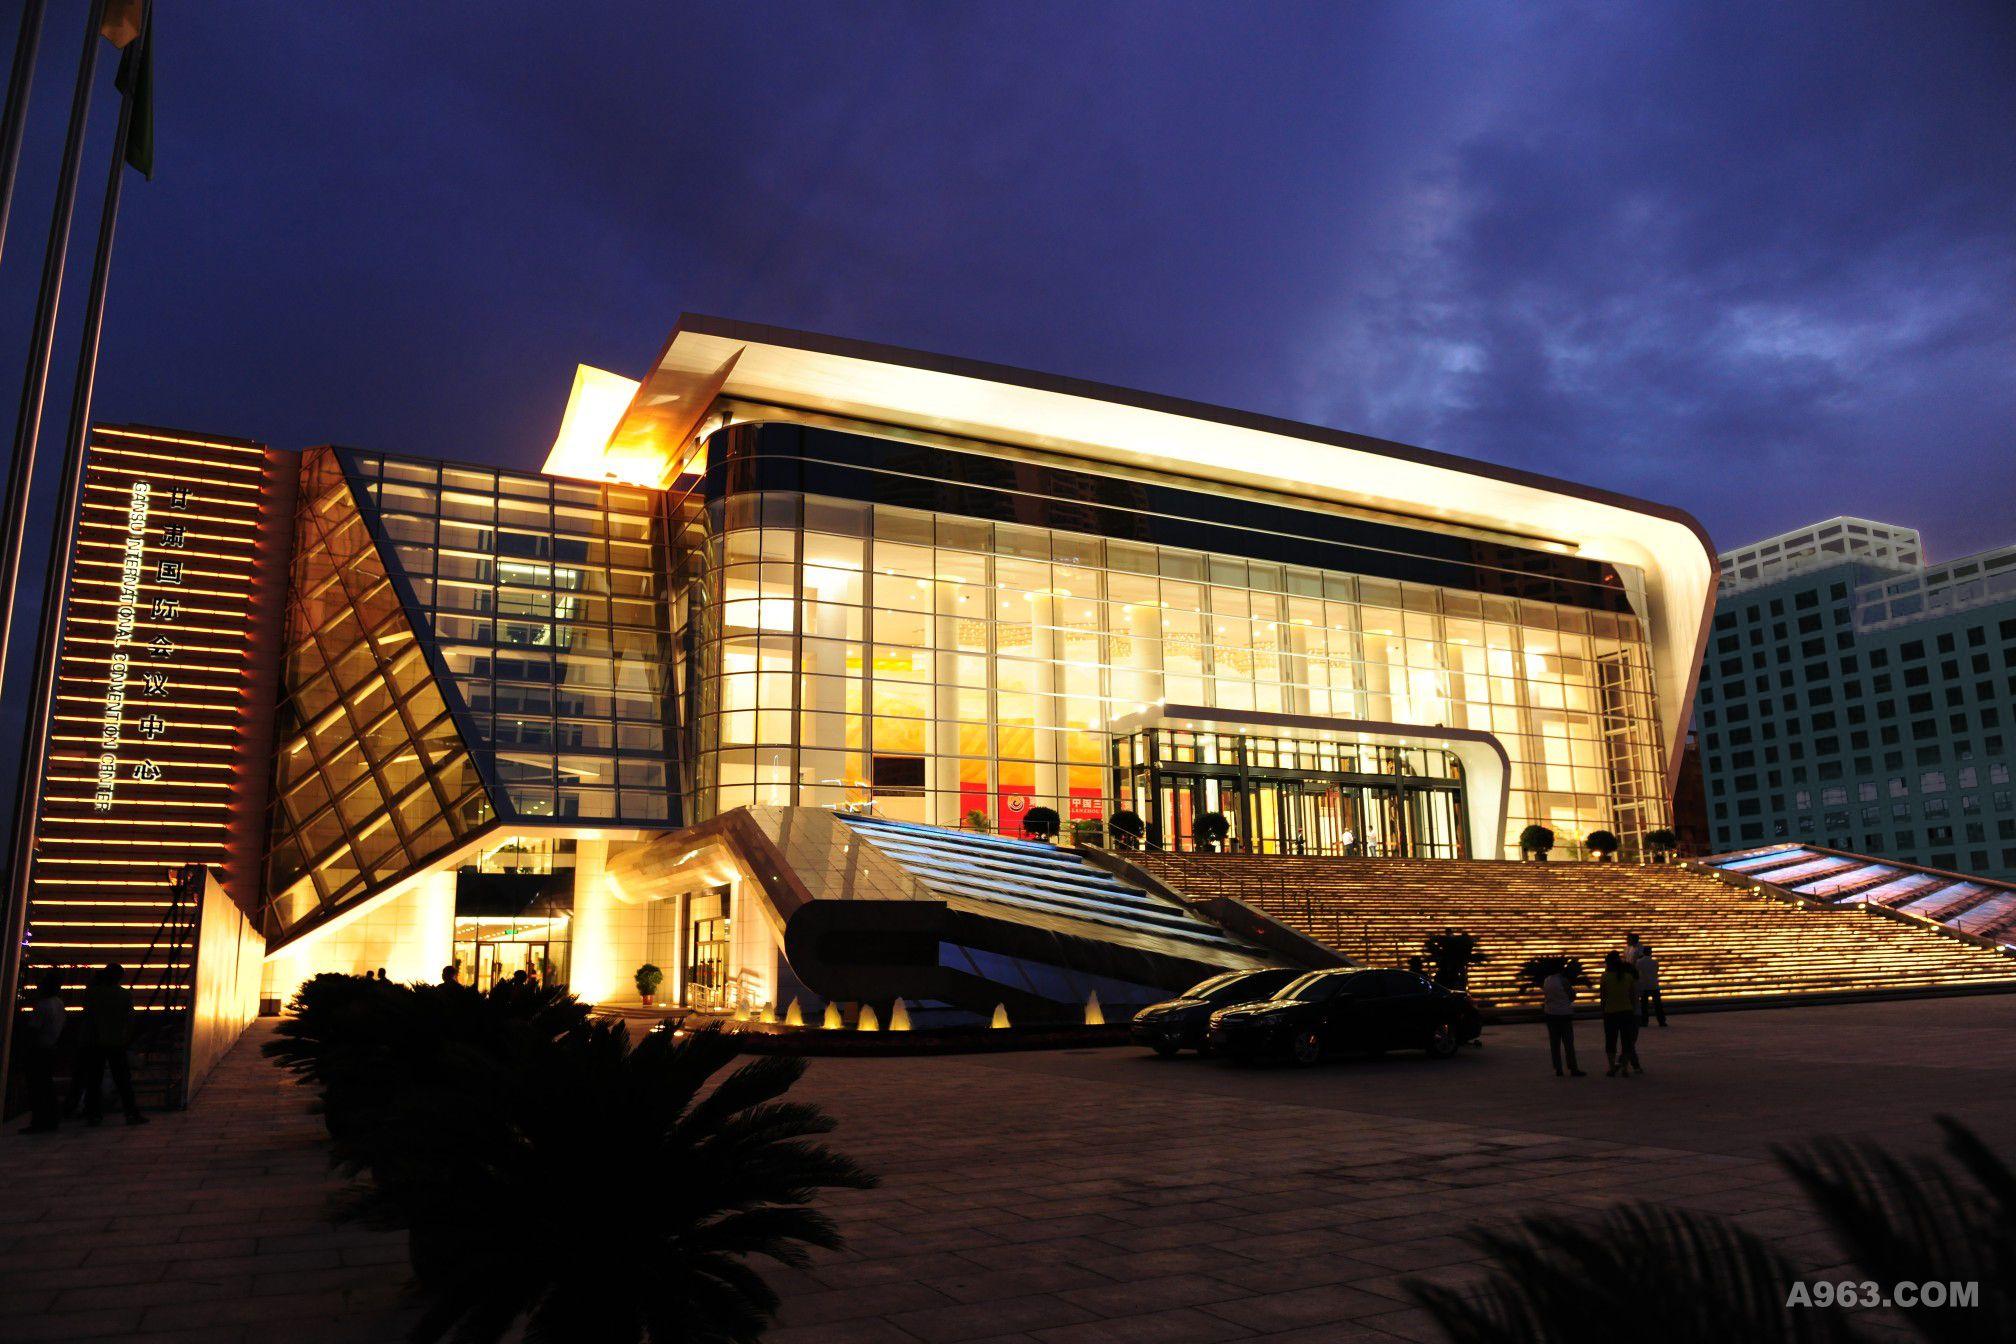 甘肃大剧院 - 建筑 - 第2页 - 郭杰设计作品案例